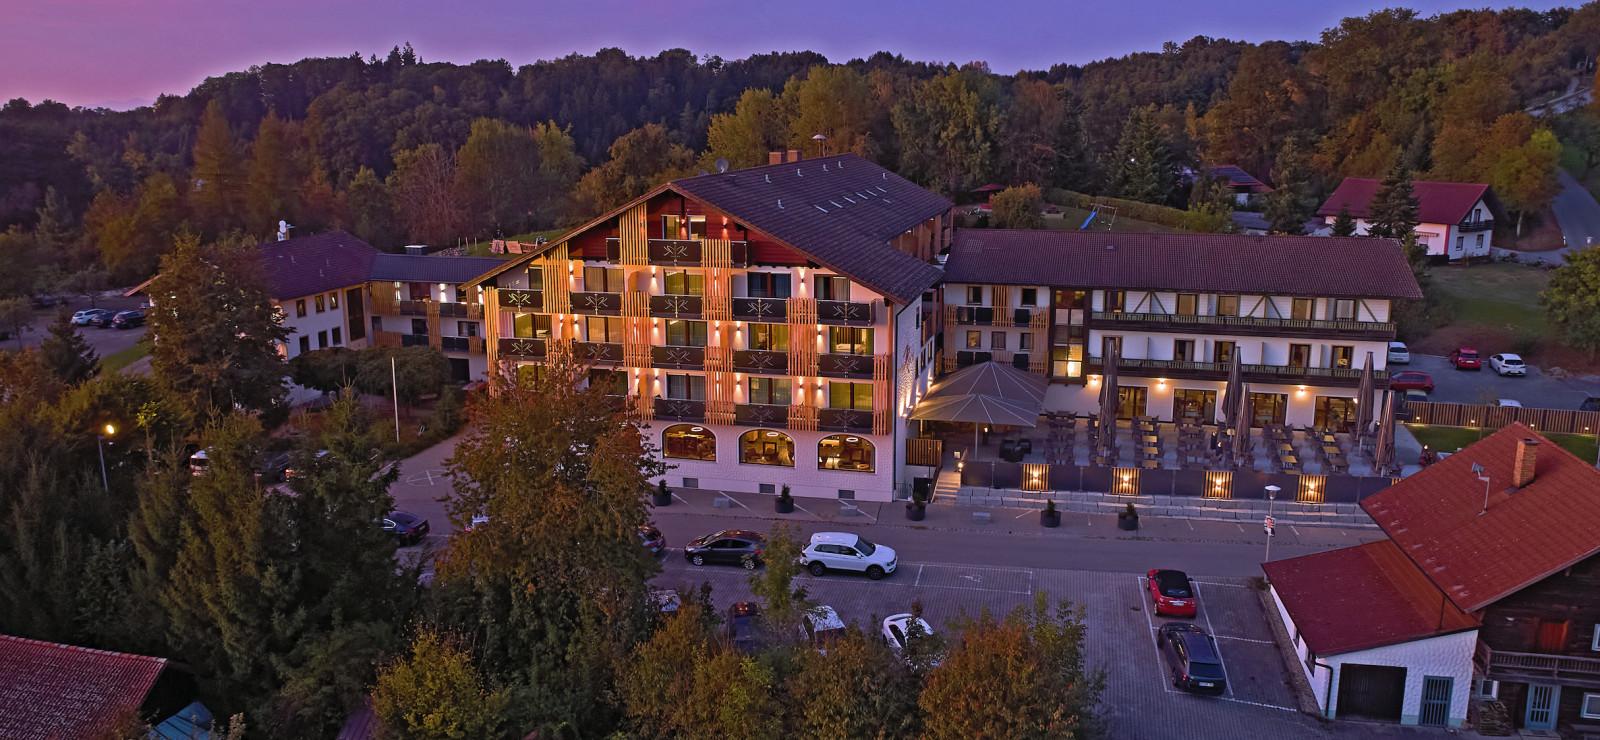 Hotel zum Koch Bilder | Bild 1